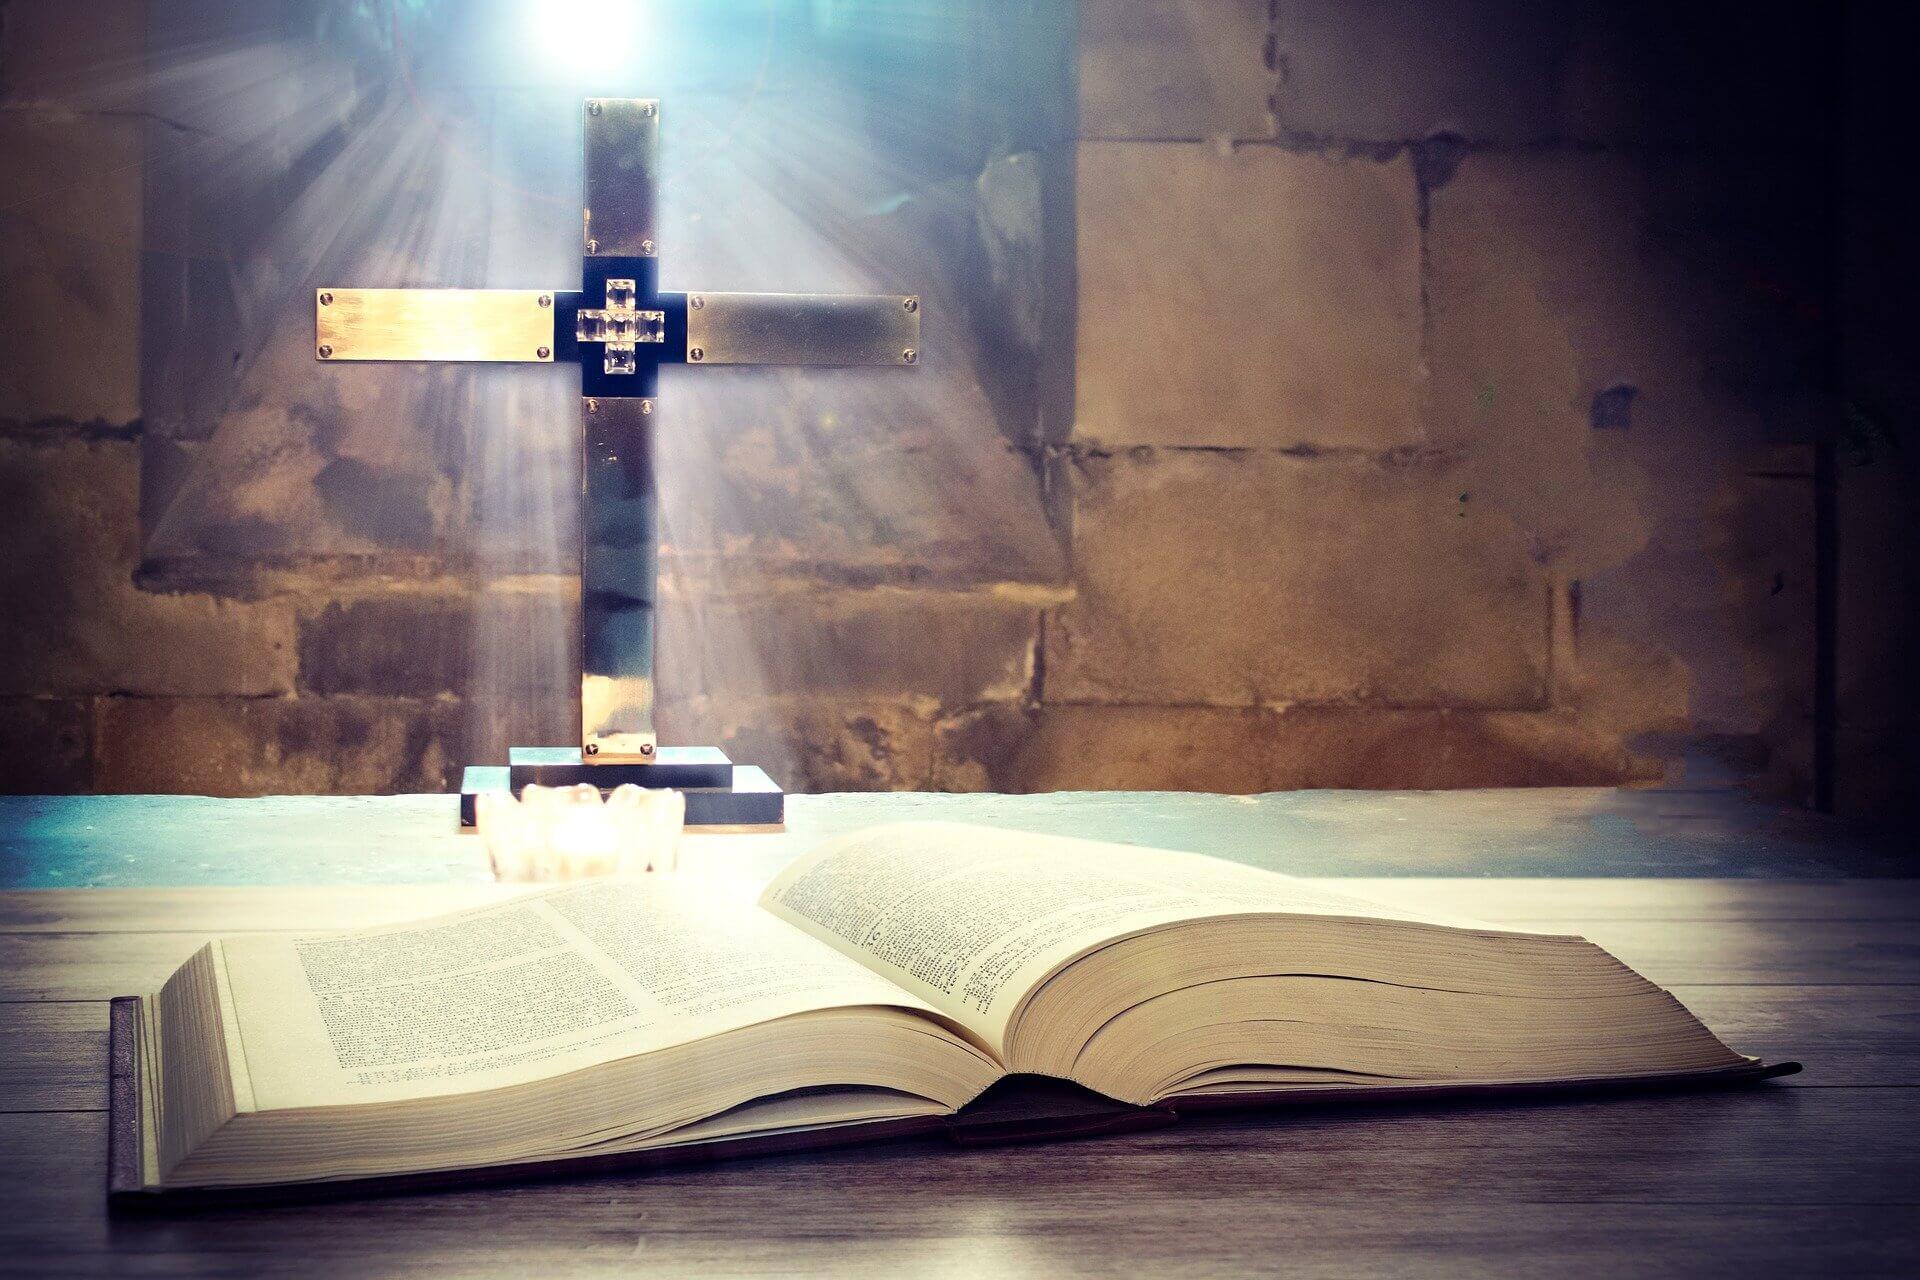 Alternatywne sposoby na uczestnictwo we mszy świętej